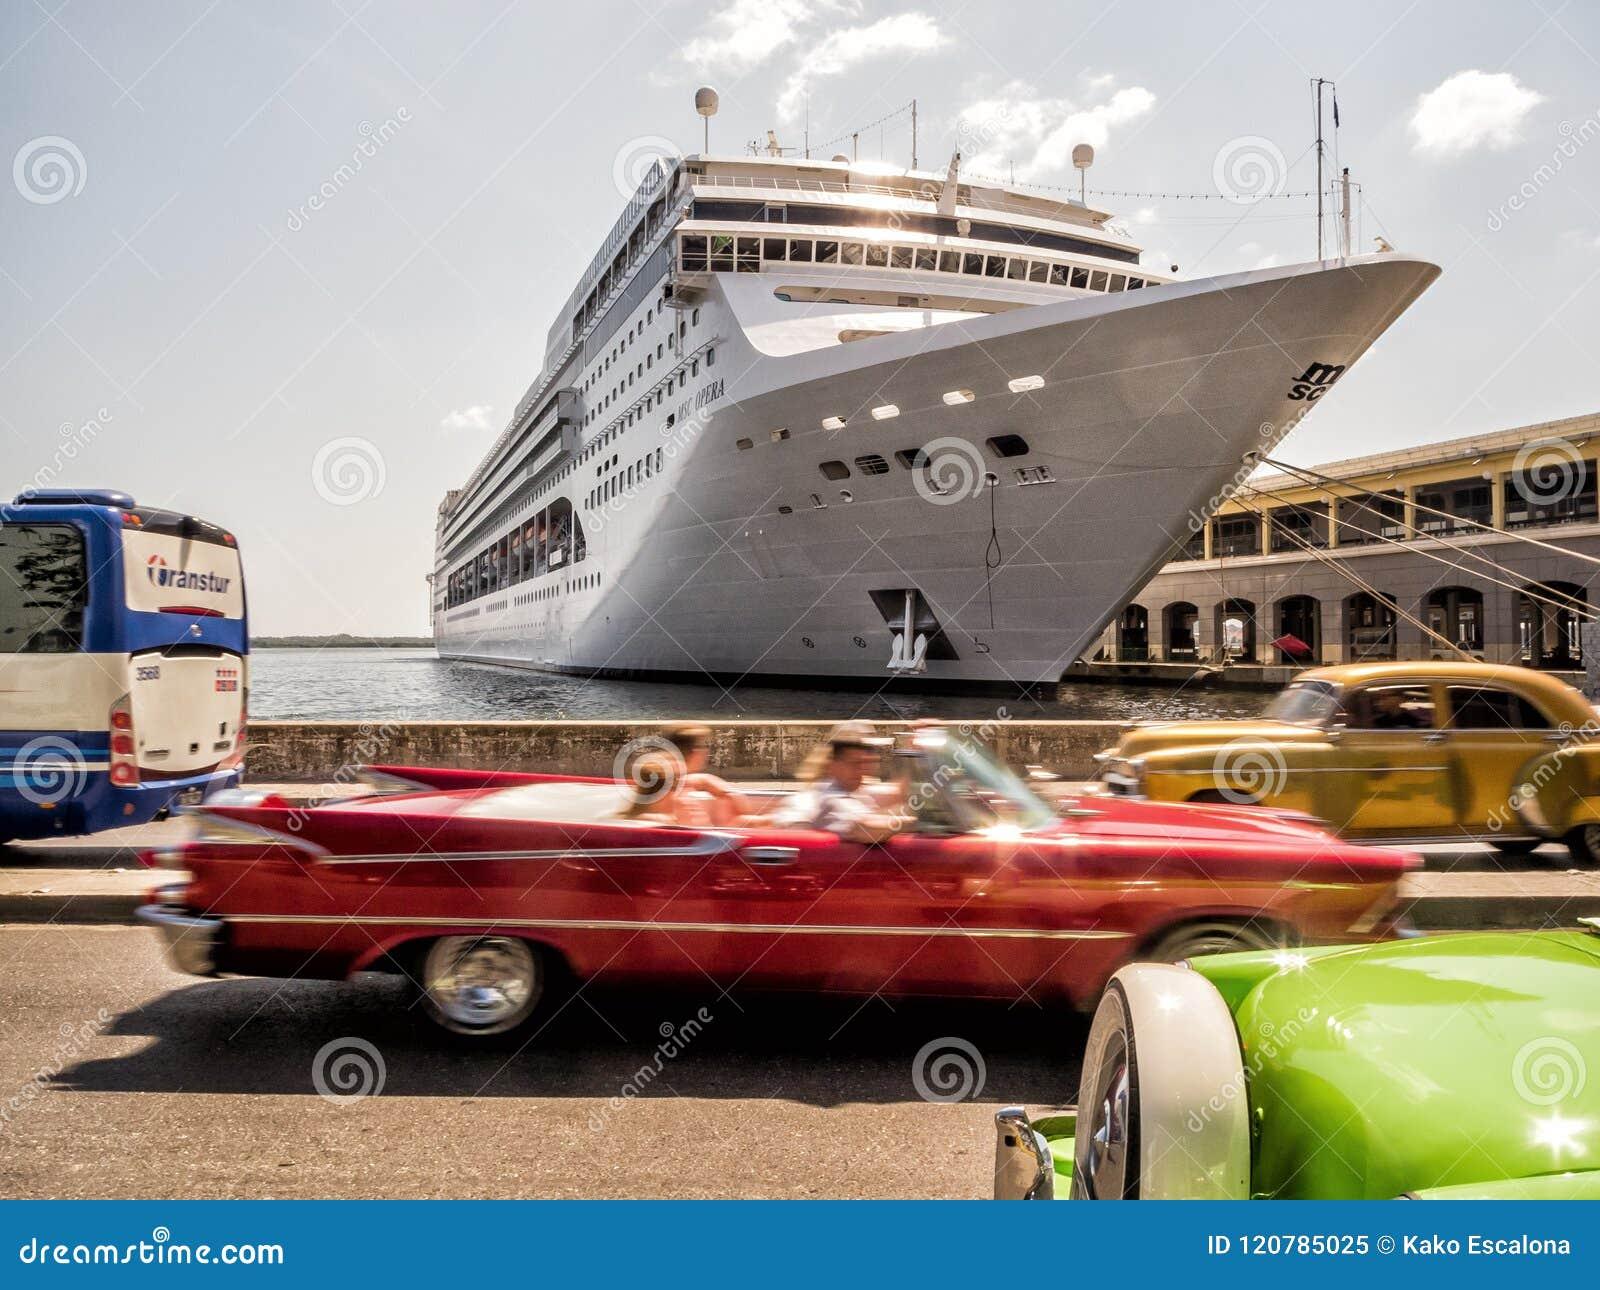 Classic car ride at Havana, Cuba